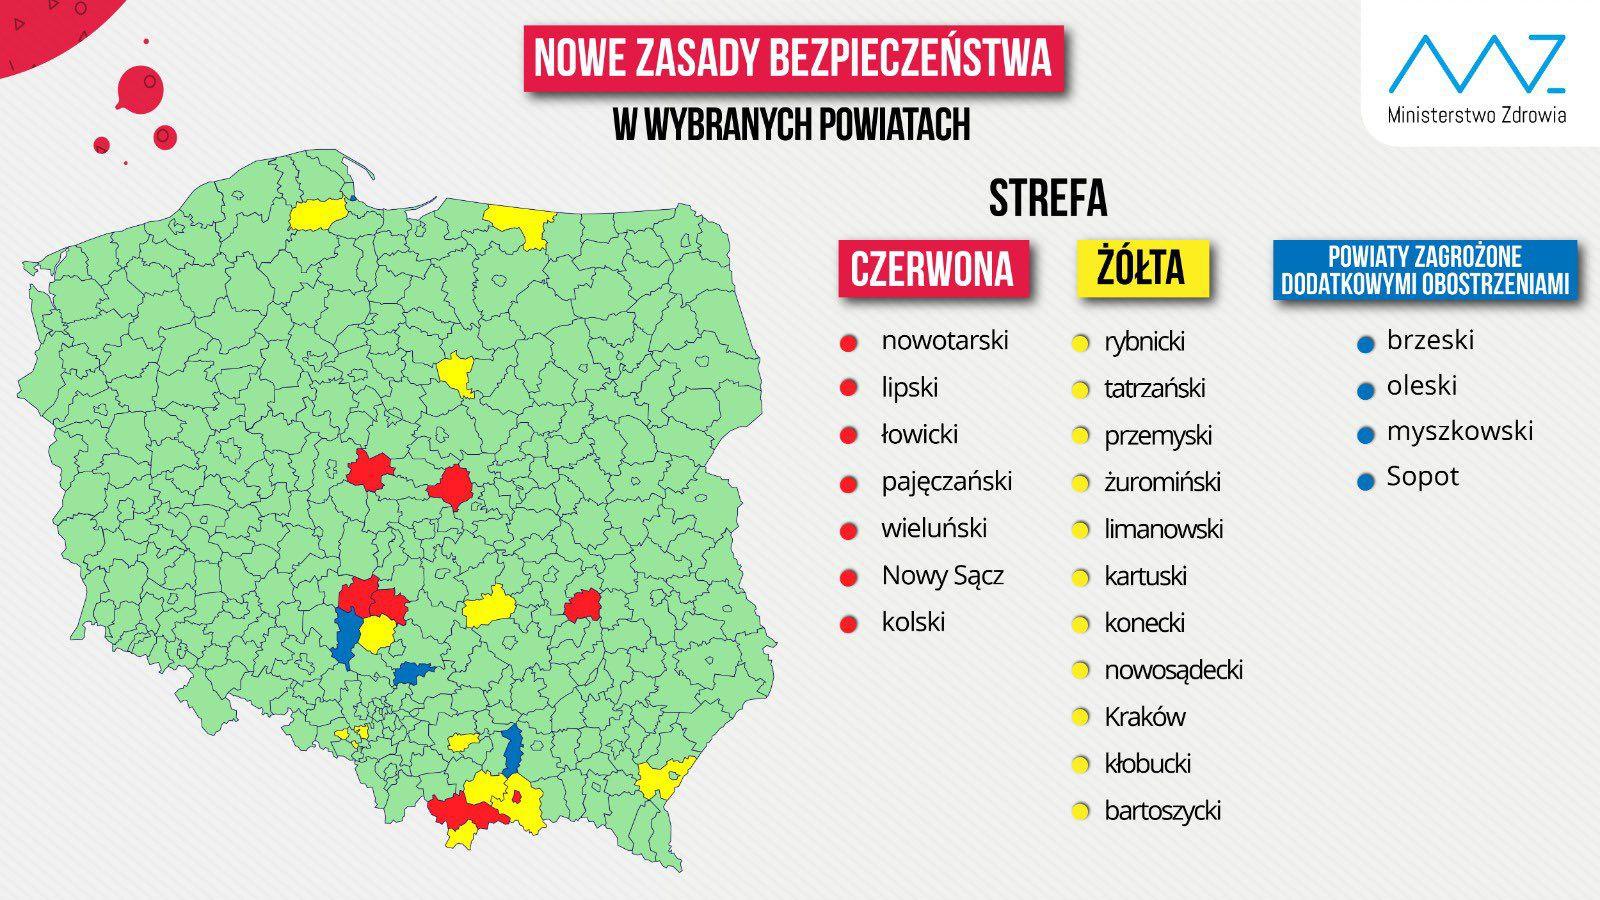 """Powiat kartuski w """"żółtej strefie"""", a Sopot zagrożony dodatkowymi obostrzeniami"""